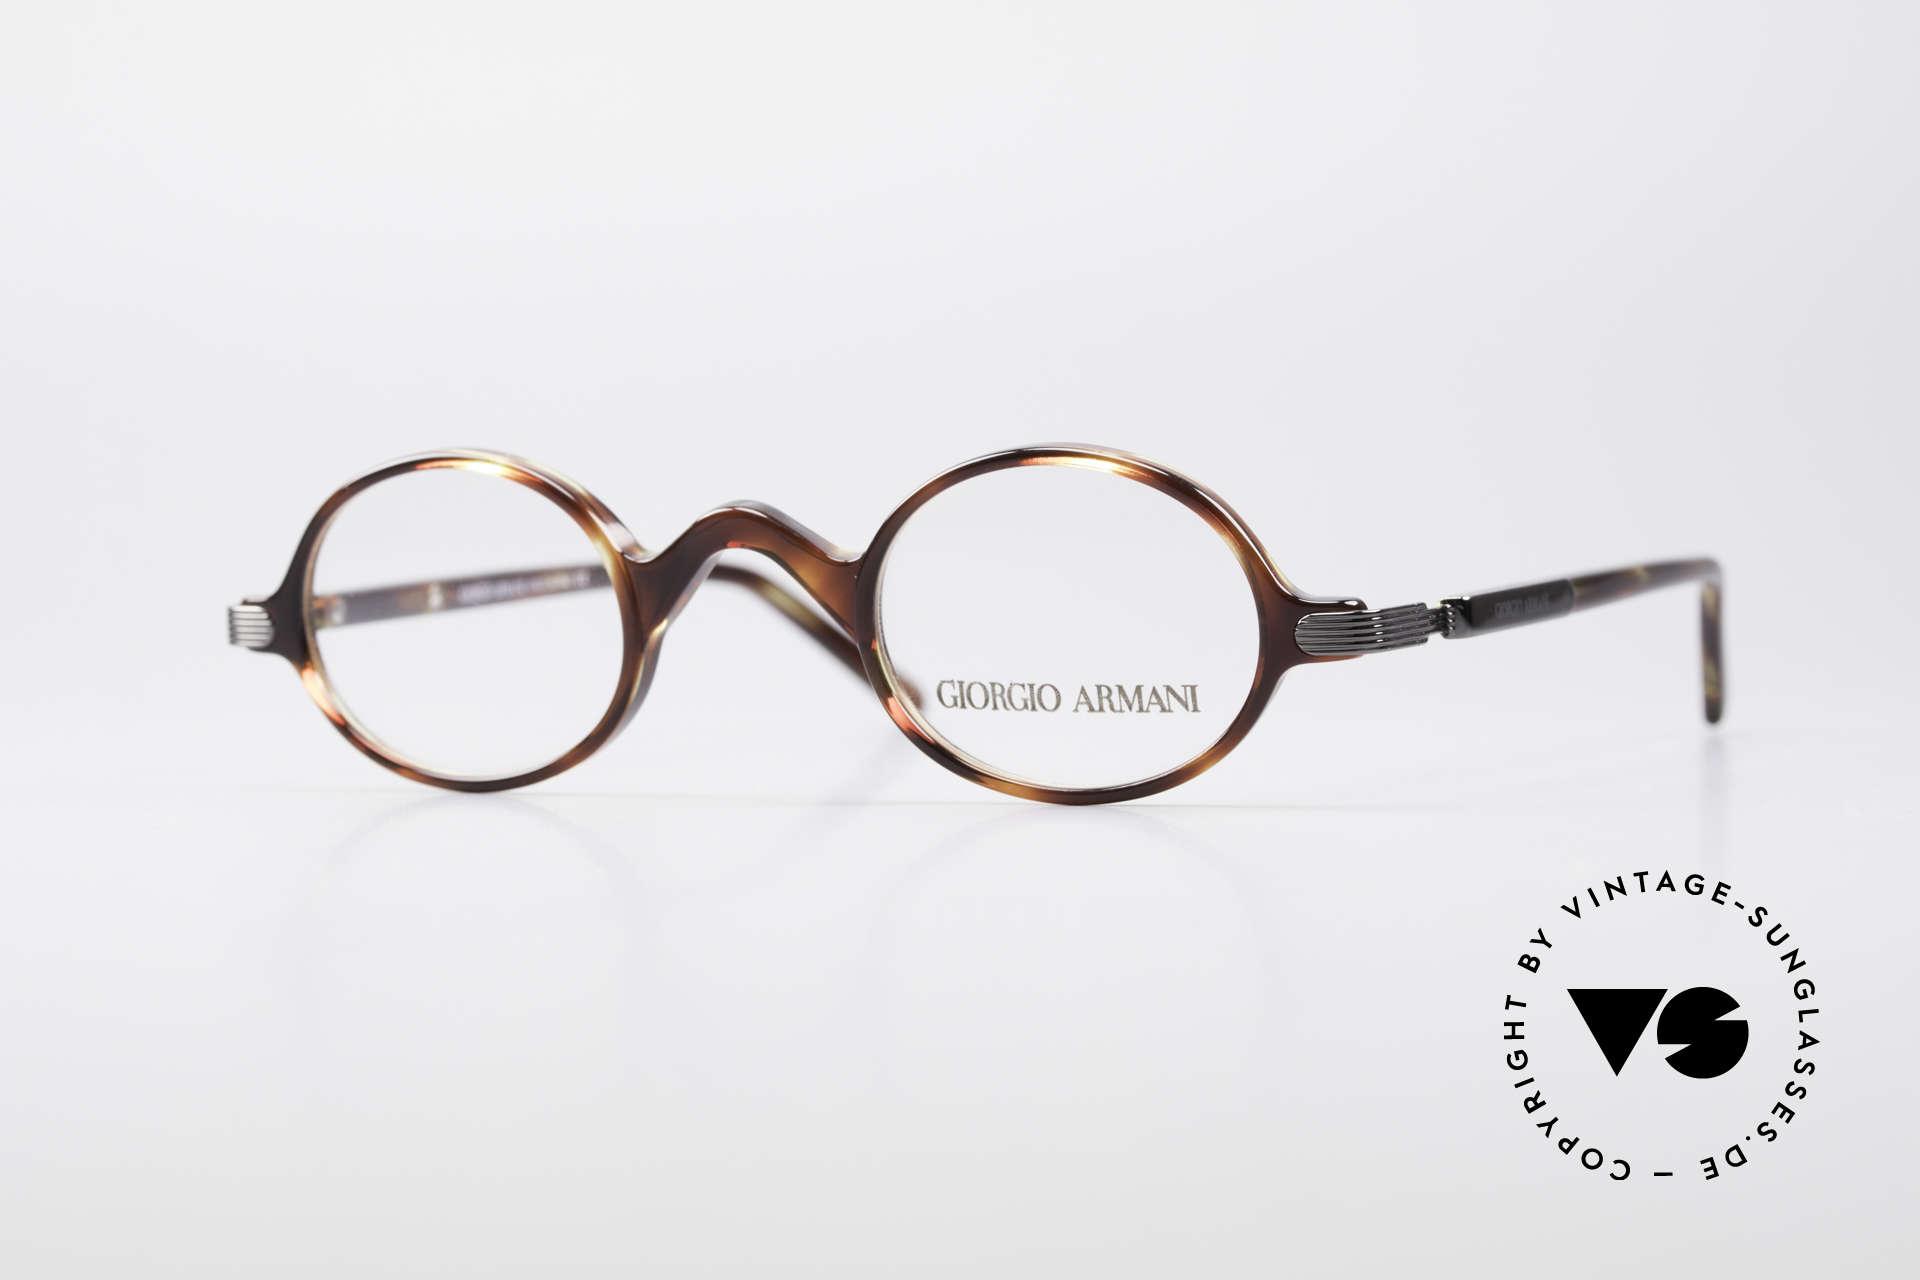 00fa411f07a5 Brillen Giorgio Armani 2045 Kleine Runde 90er Brille